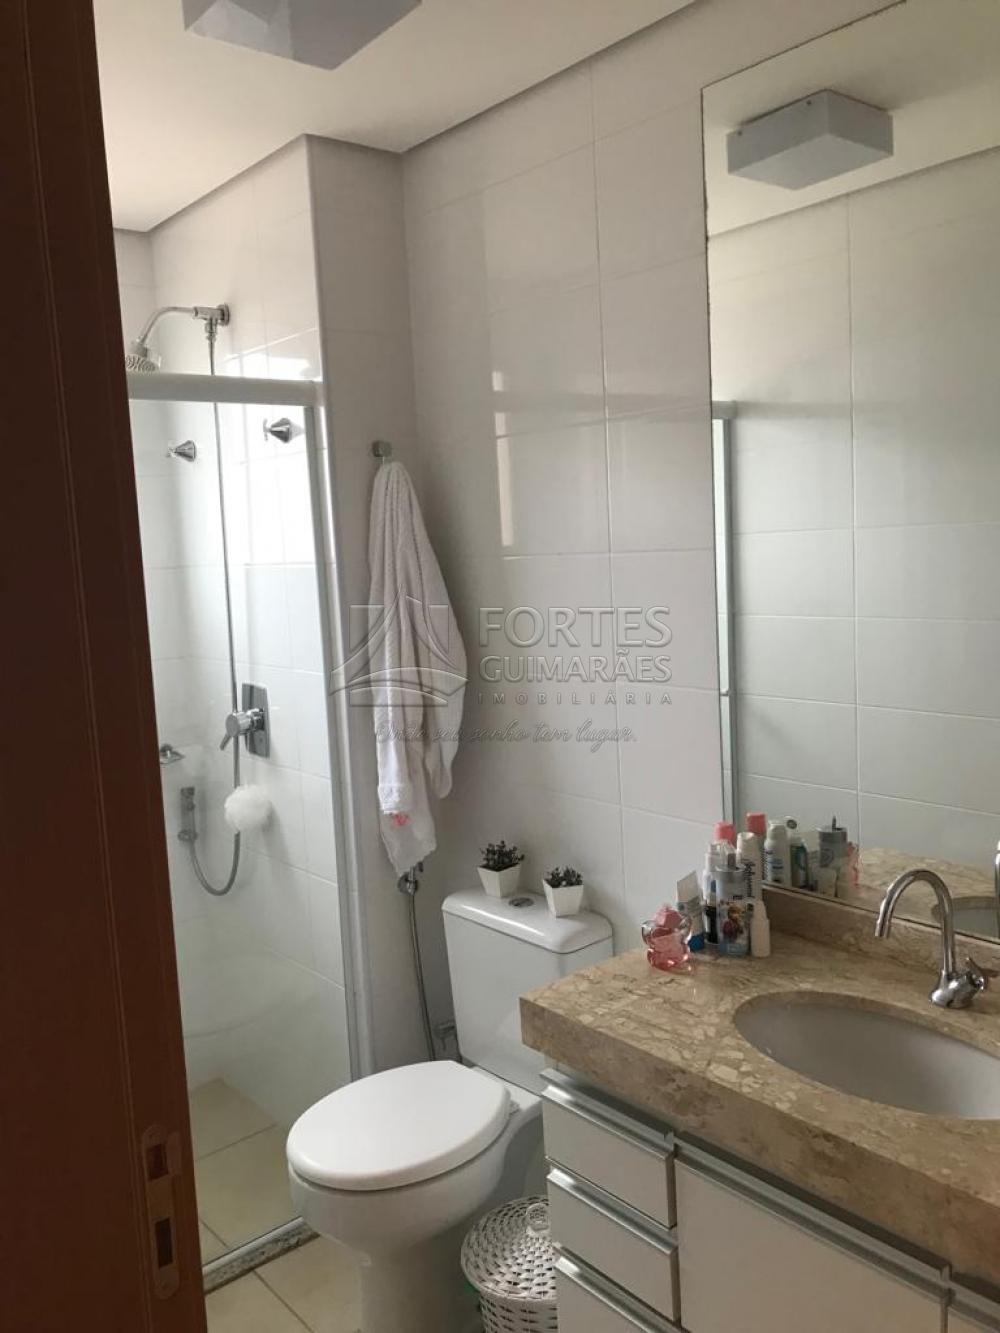 Alugar Apartamentos / Padrão em Ribeirão Preto apenas R$ 3.500,00 - Foto 20